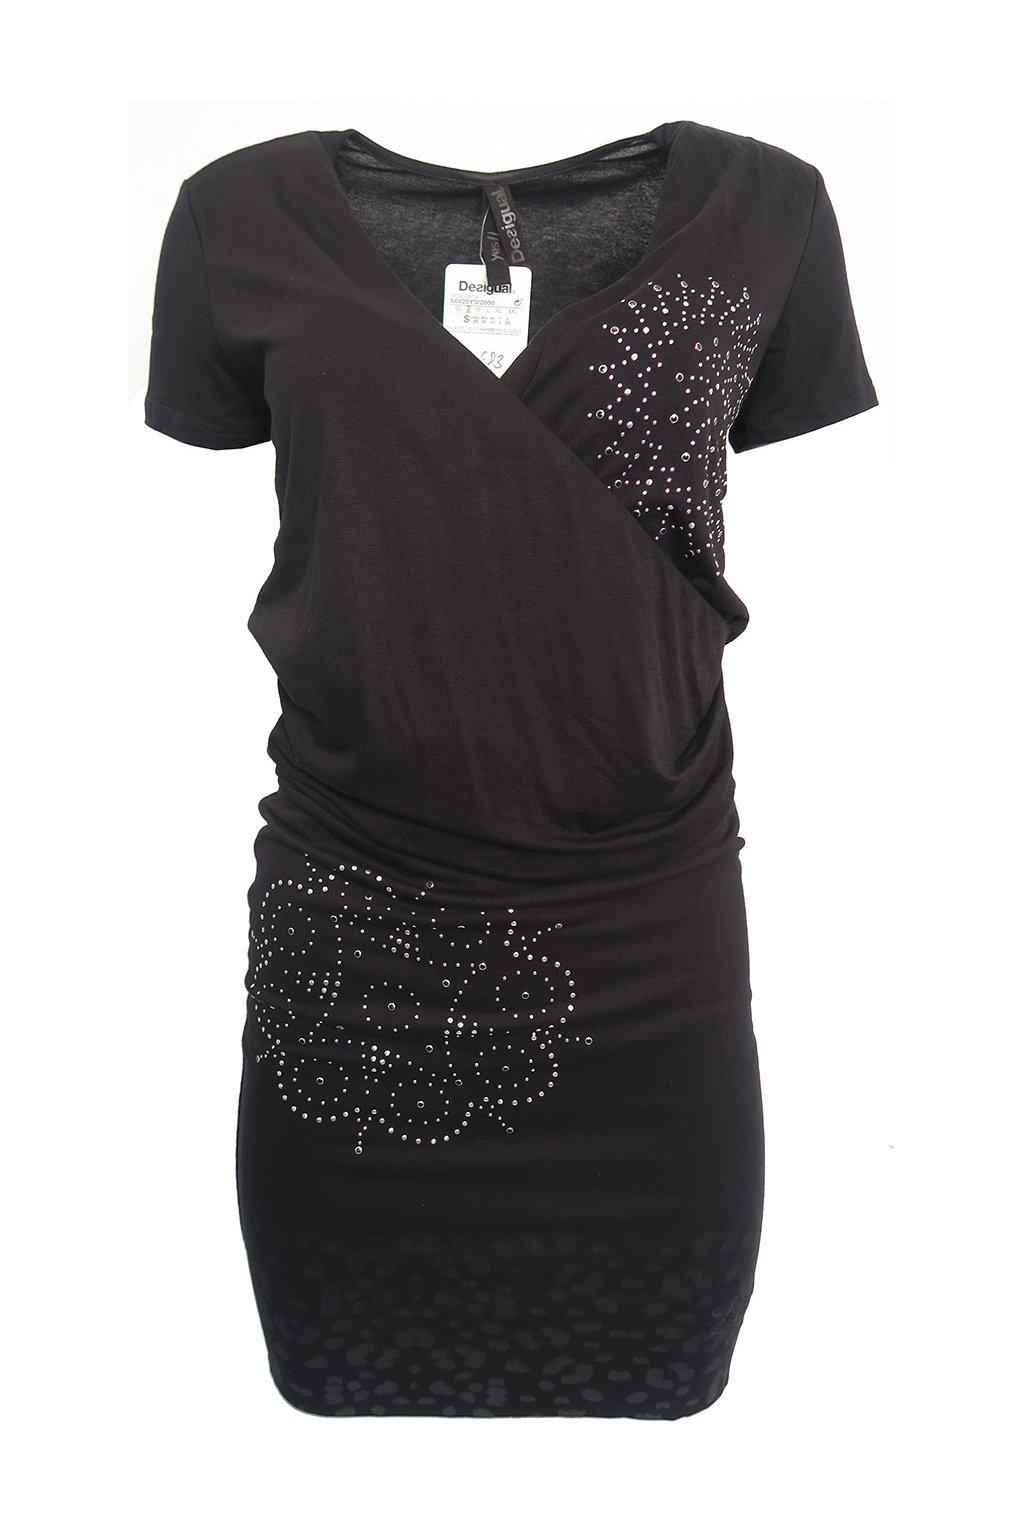 Černé šaty se stříbrnými květy Desigual